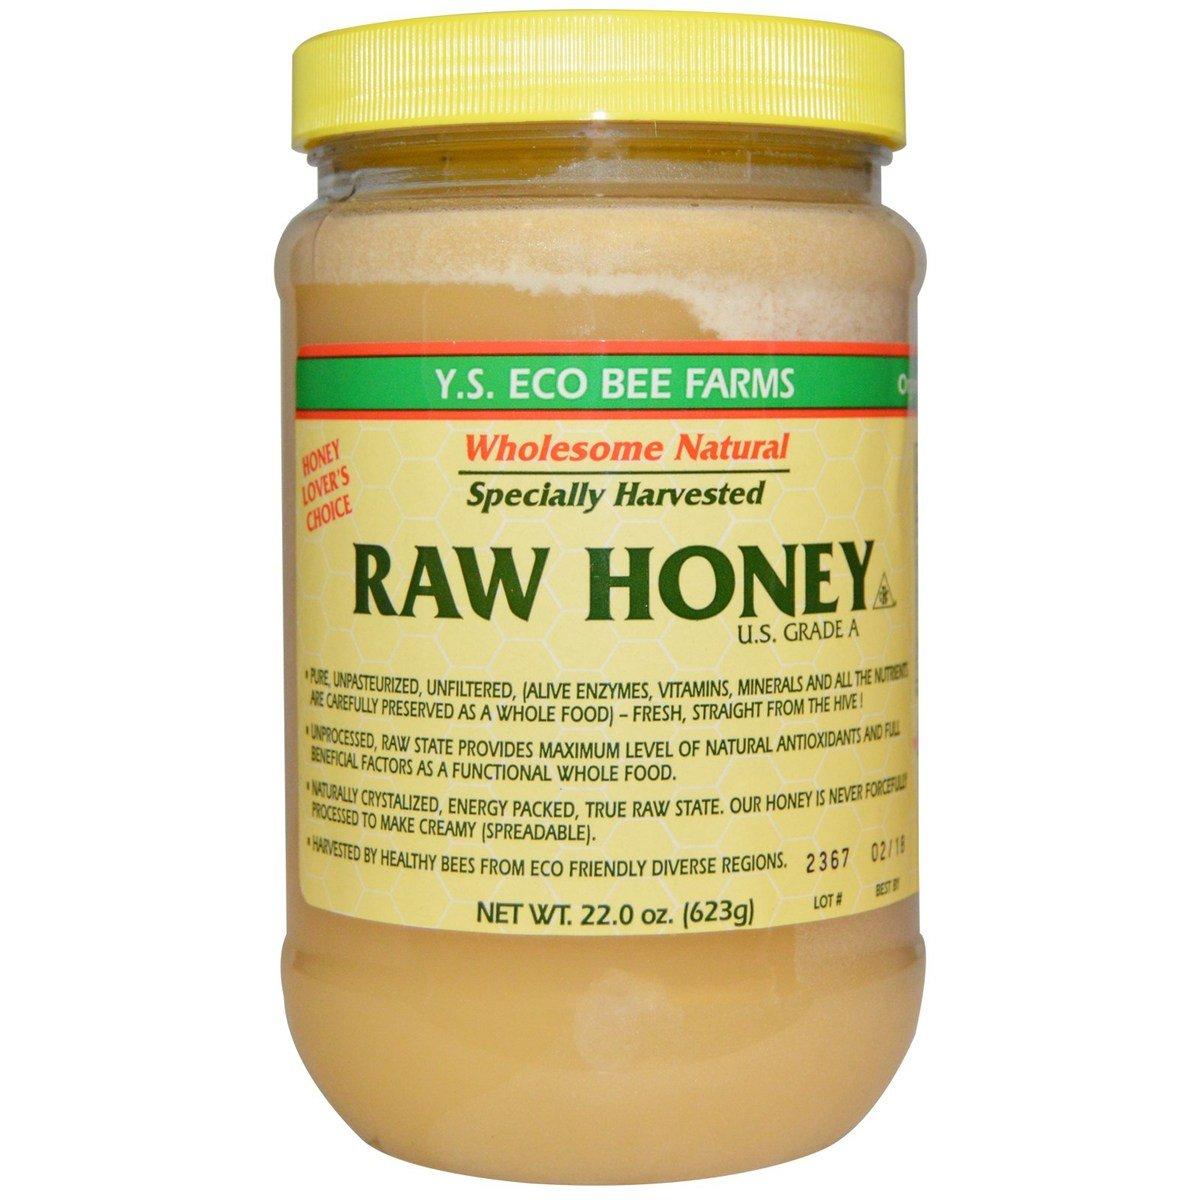 美國頂級蜂蜜(不經加工原蜜)